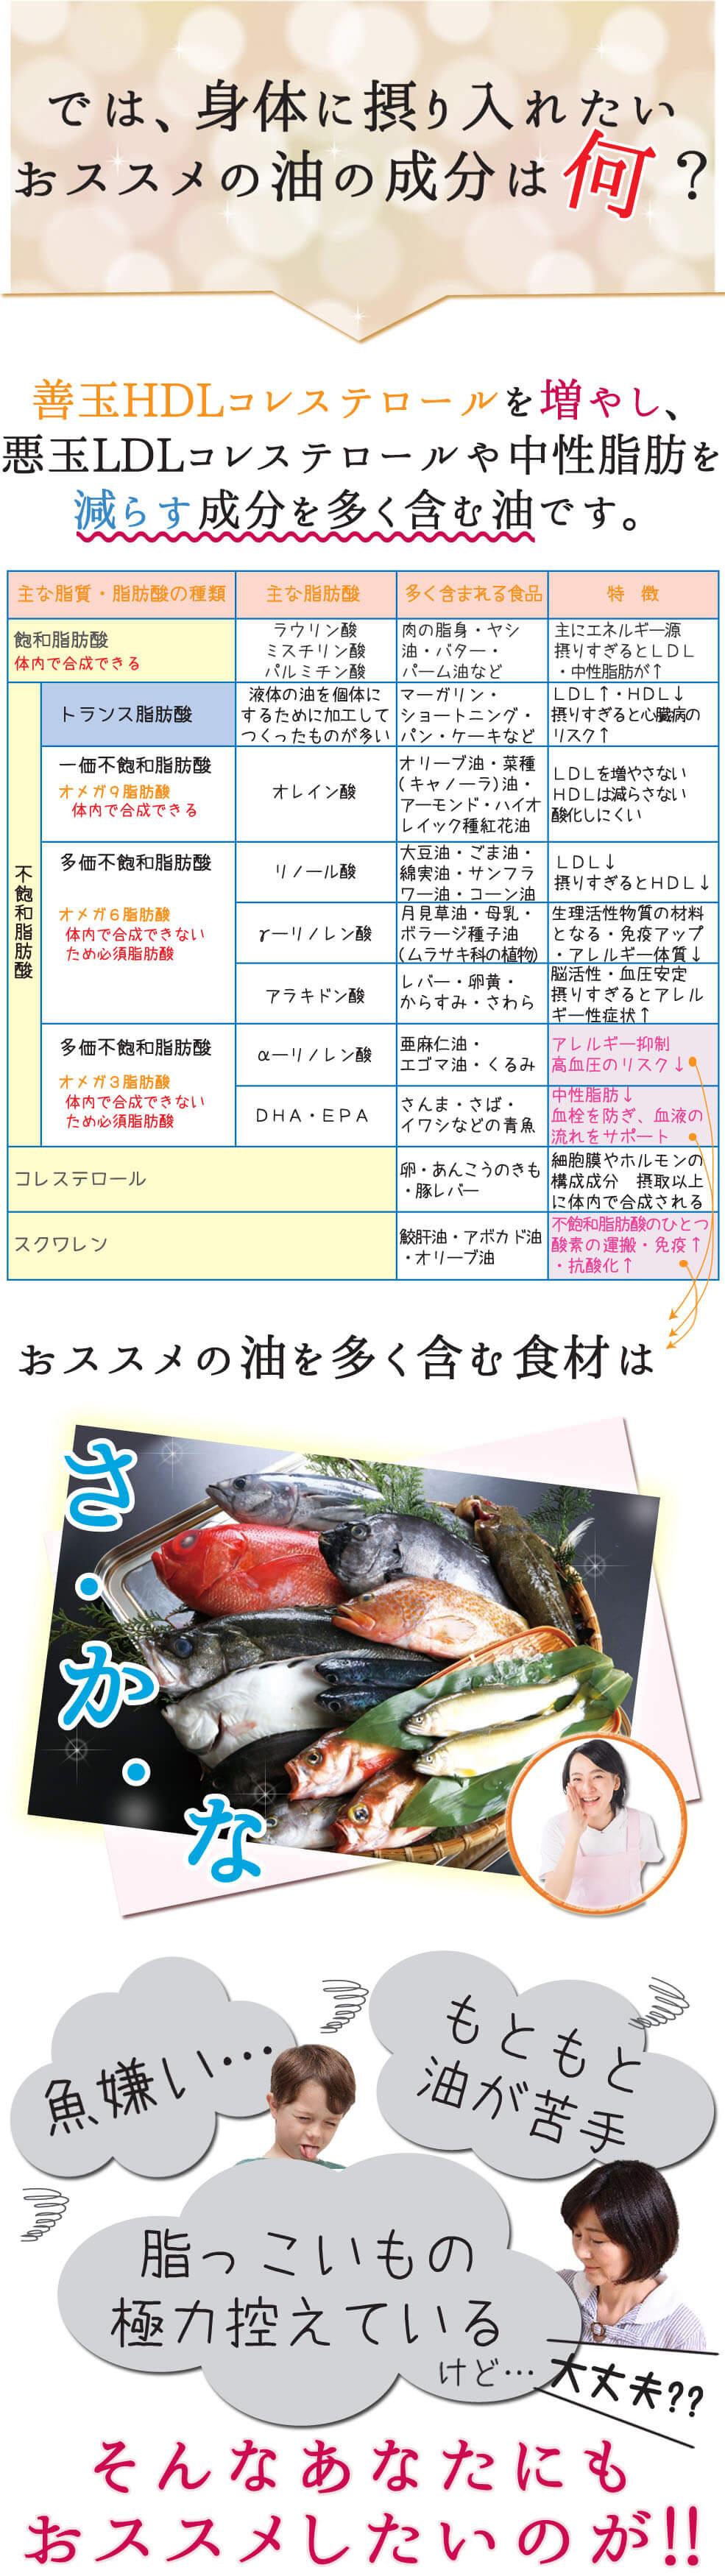 では、身体に摂り入れたいおススメの油の成分は何?→善玉HDLコレステロールを増やし、 悪玉LDLコレステロールや中性脂肪を減らす成分を多く含む油です。★見ため…常温で液体、サラサラしています。おススメの油を多く含む食材はさかな。「魚嫌い」「もともと油が苦手」「脂っこいもの極力控えているけれど、大丈夫?」などあてはまる方、そんなあなたにもおススメしたいのがアイ鮫生肝油「美ら鮫(ちゅらざめ)」です!